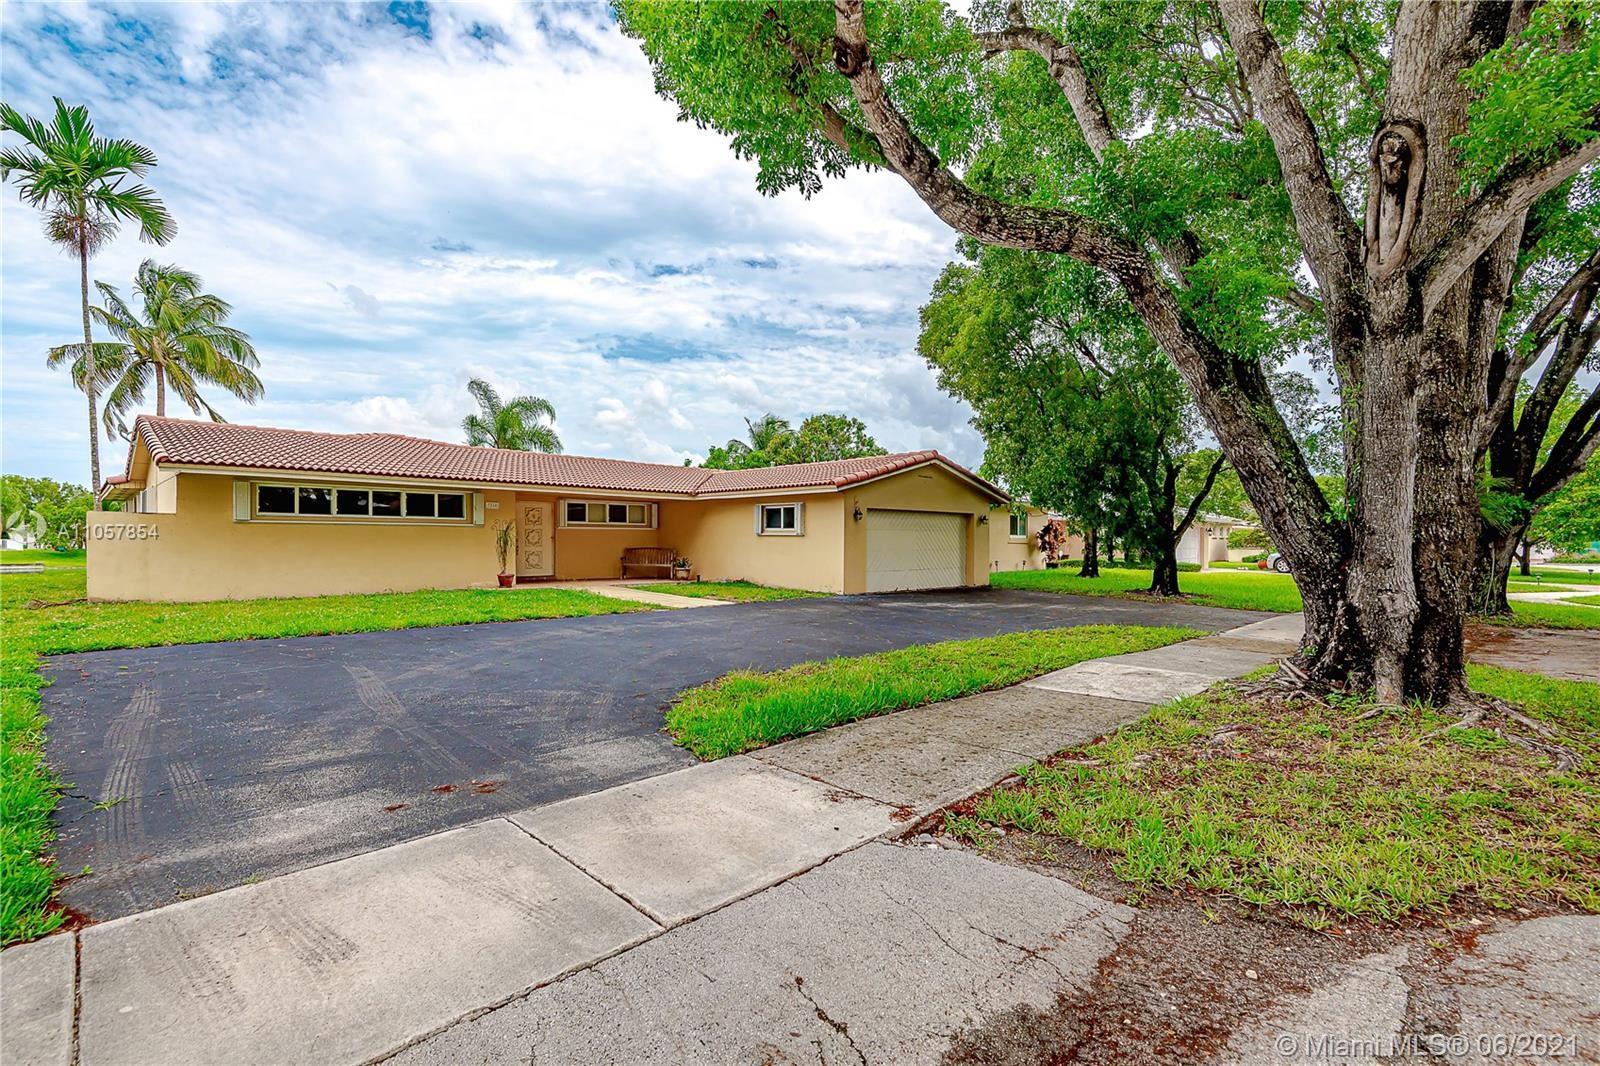 7240 Poinciana Ct, Miami Lakes, FL 33014 - #: A11057854